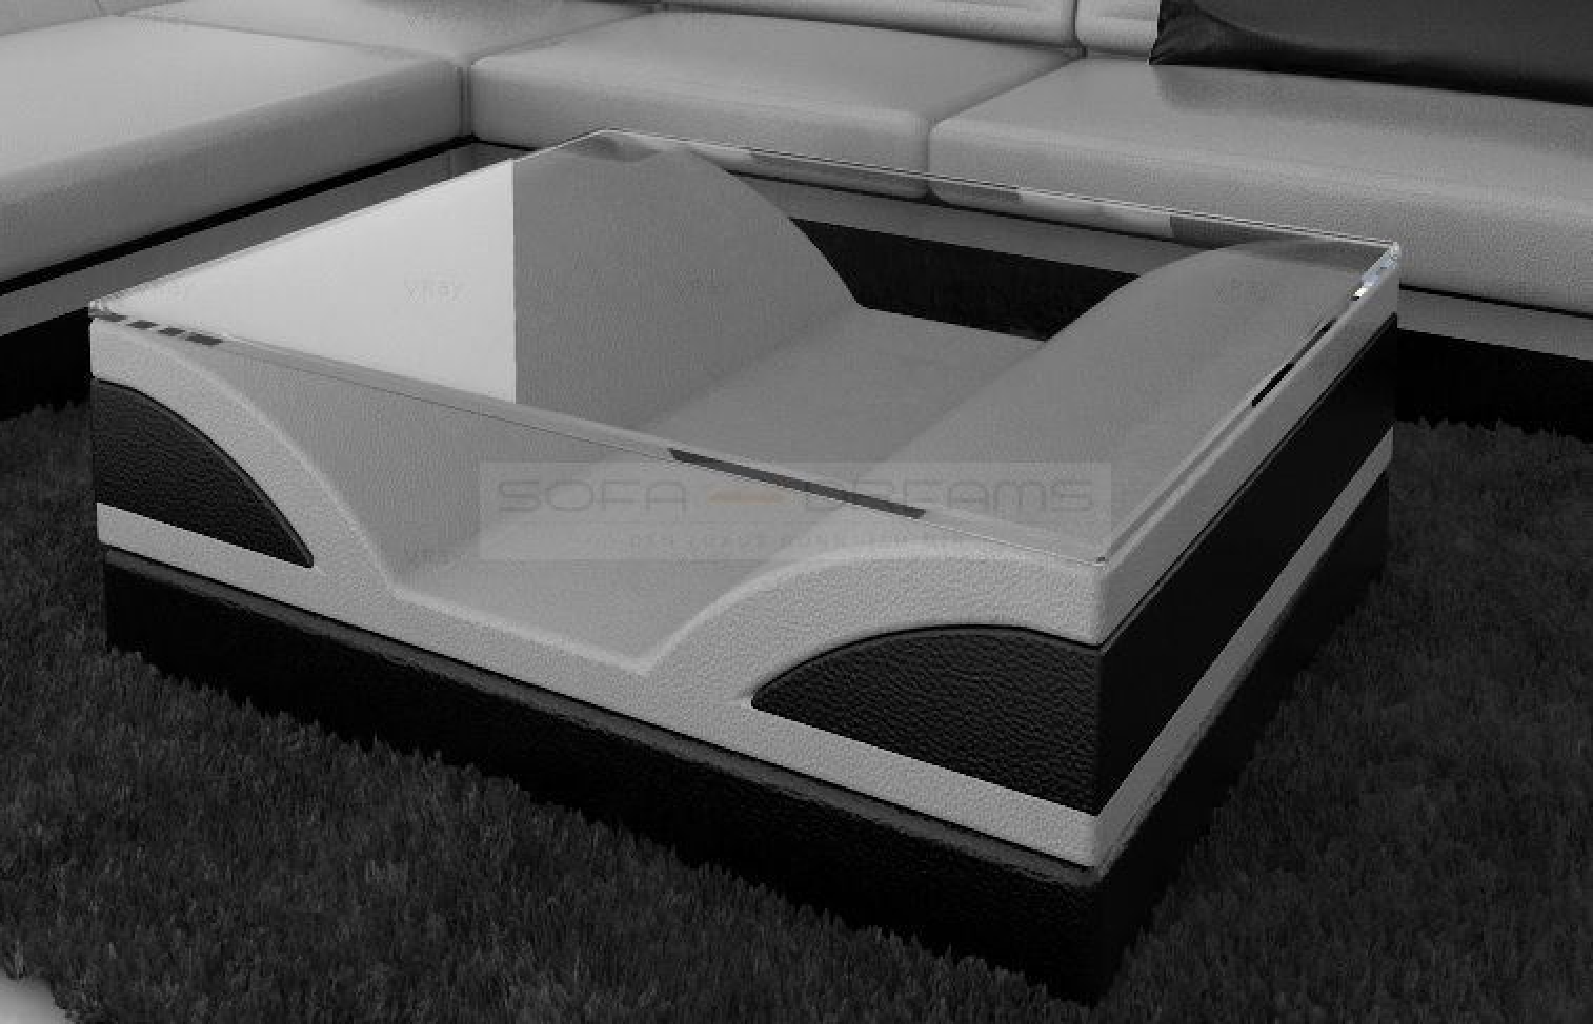 Couchtisch weis glas schwarz die neuesten innenarchitekturideen - Fruhlingsdeko tisch ...